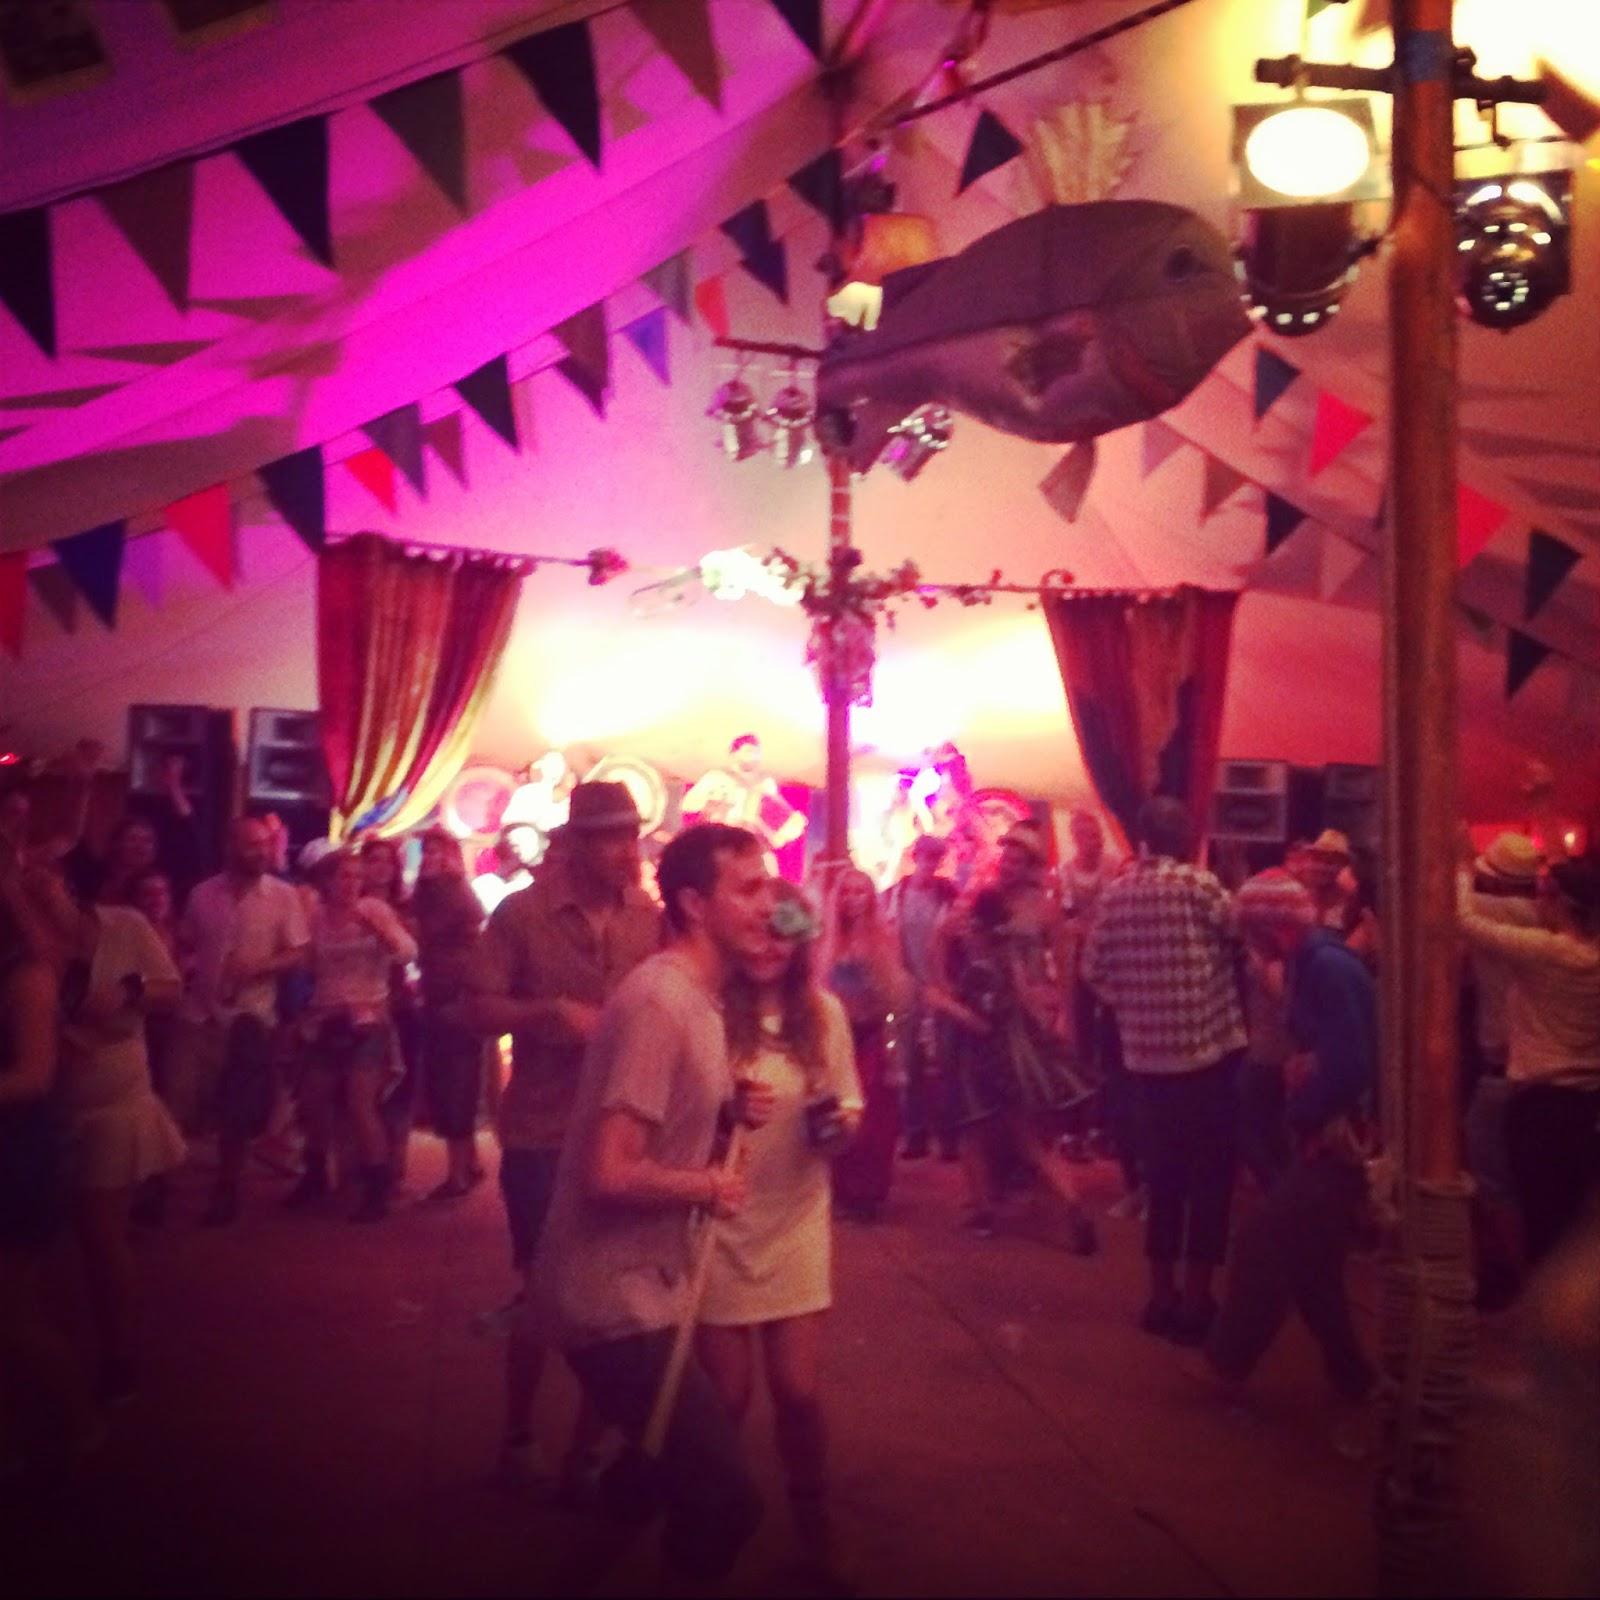 barn dance festival